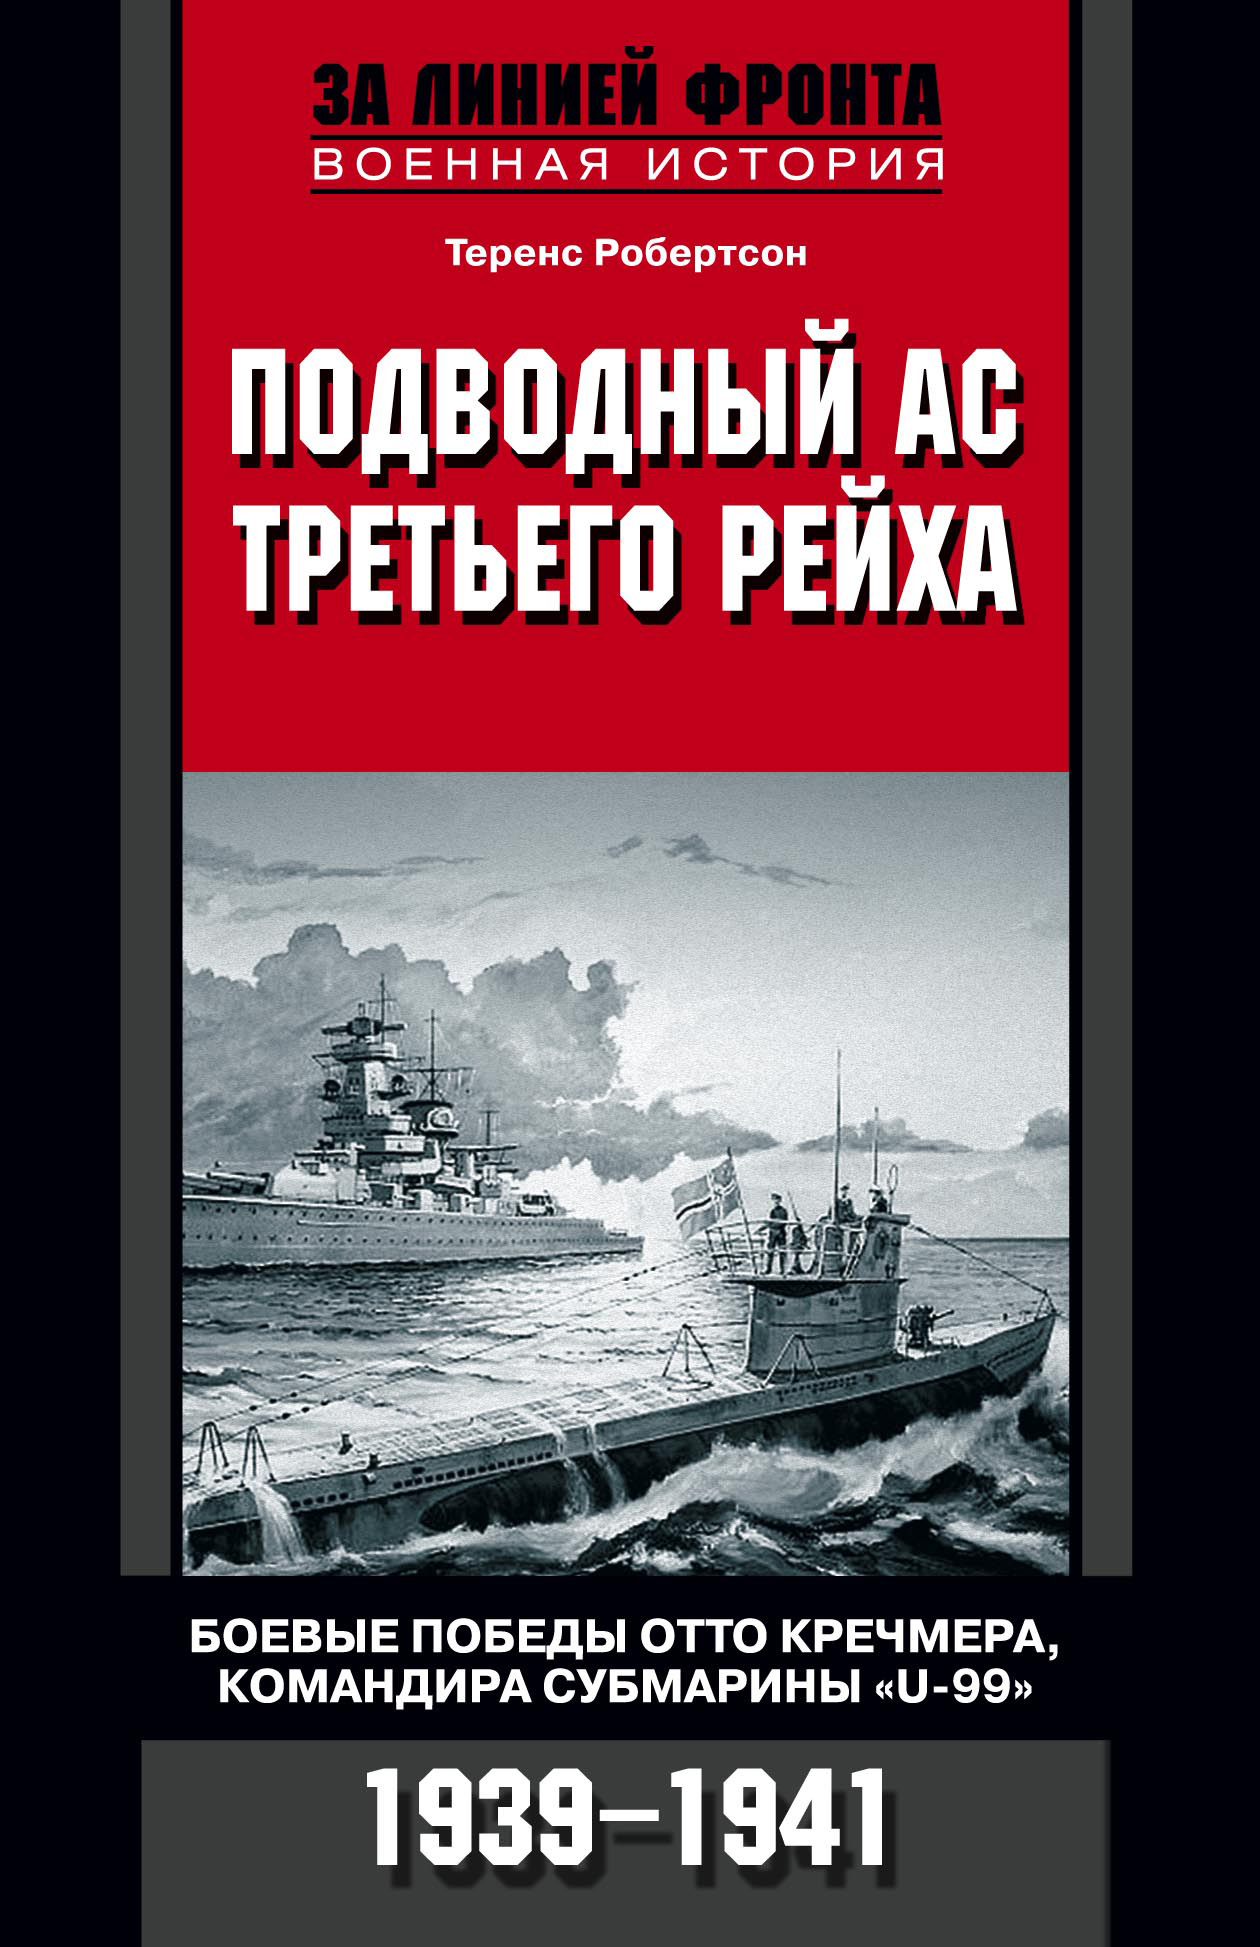 Теренс Робертсон Подводный ас Третьего рейха. Боевые победы Отто Кречмера, командира субмарины «U-99». 1939-1941